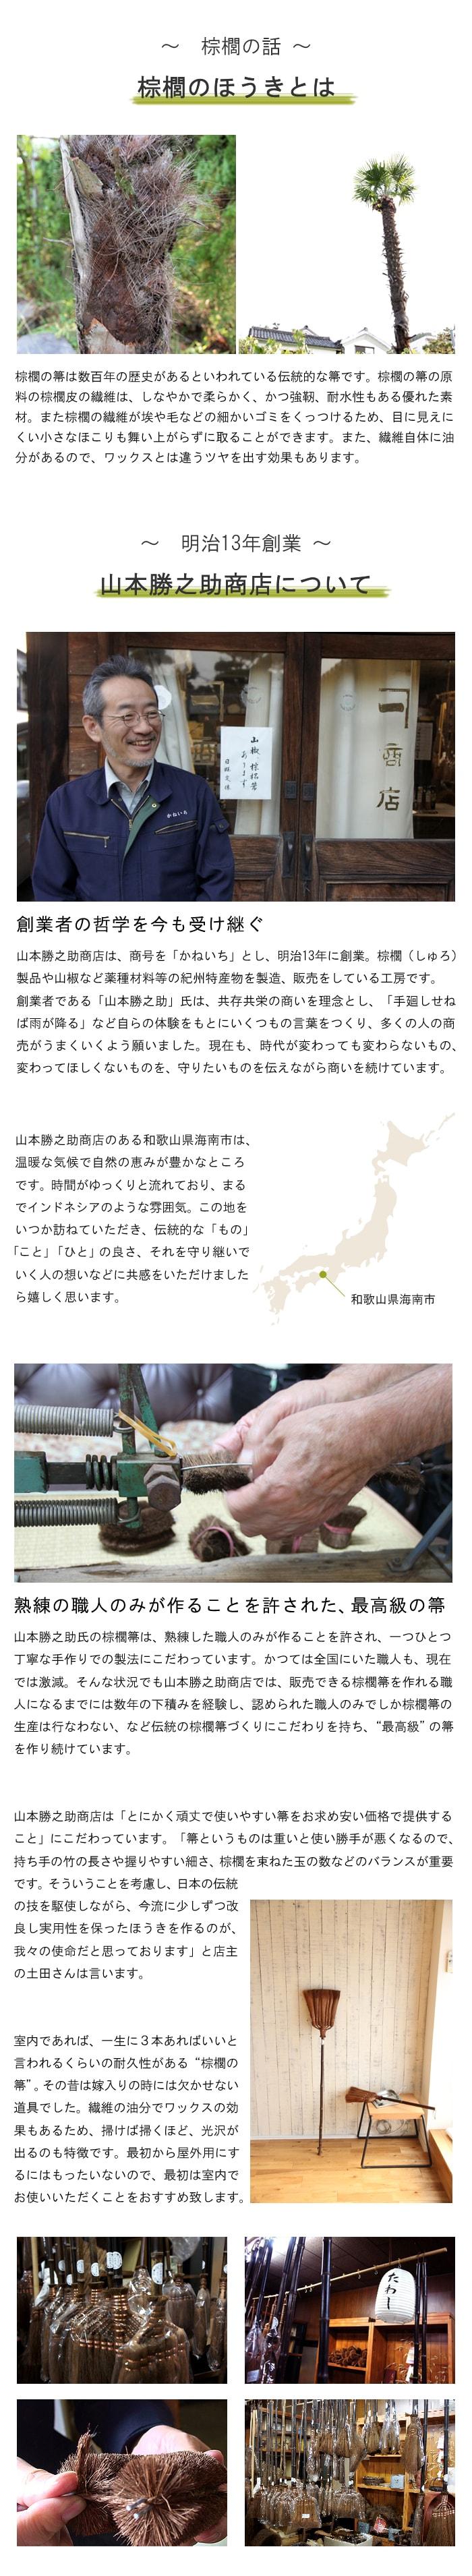 山本勝之助商店について